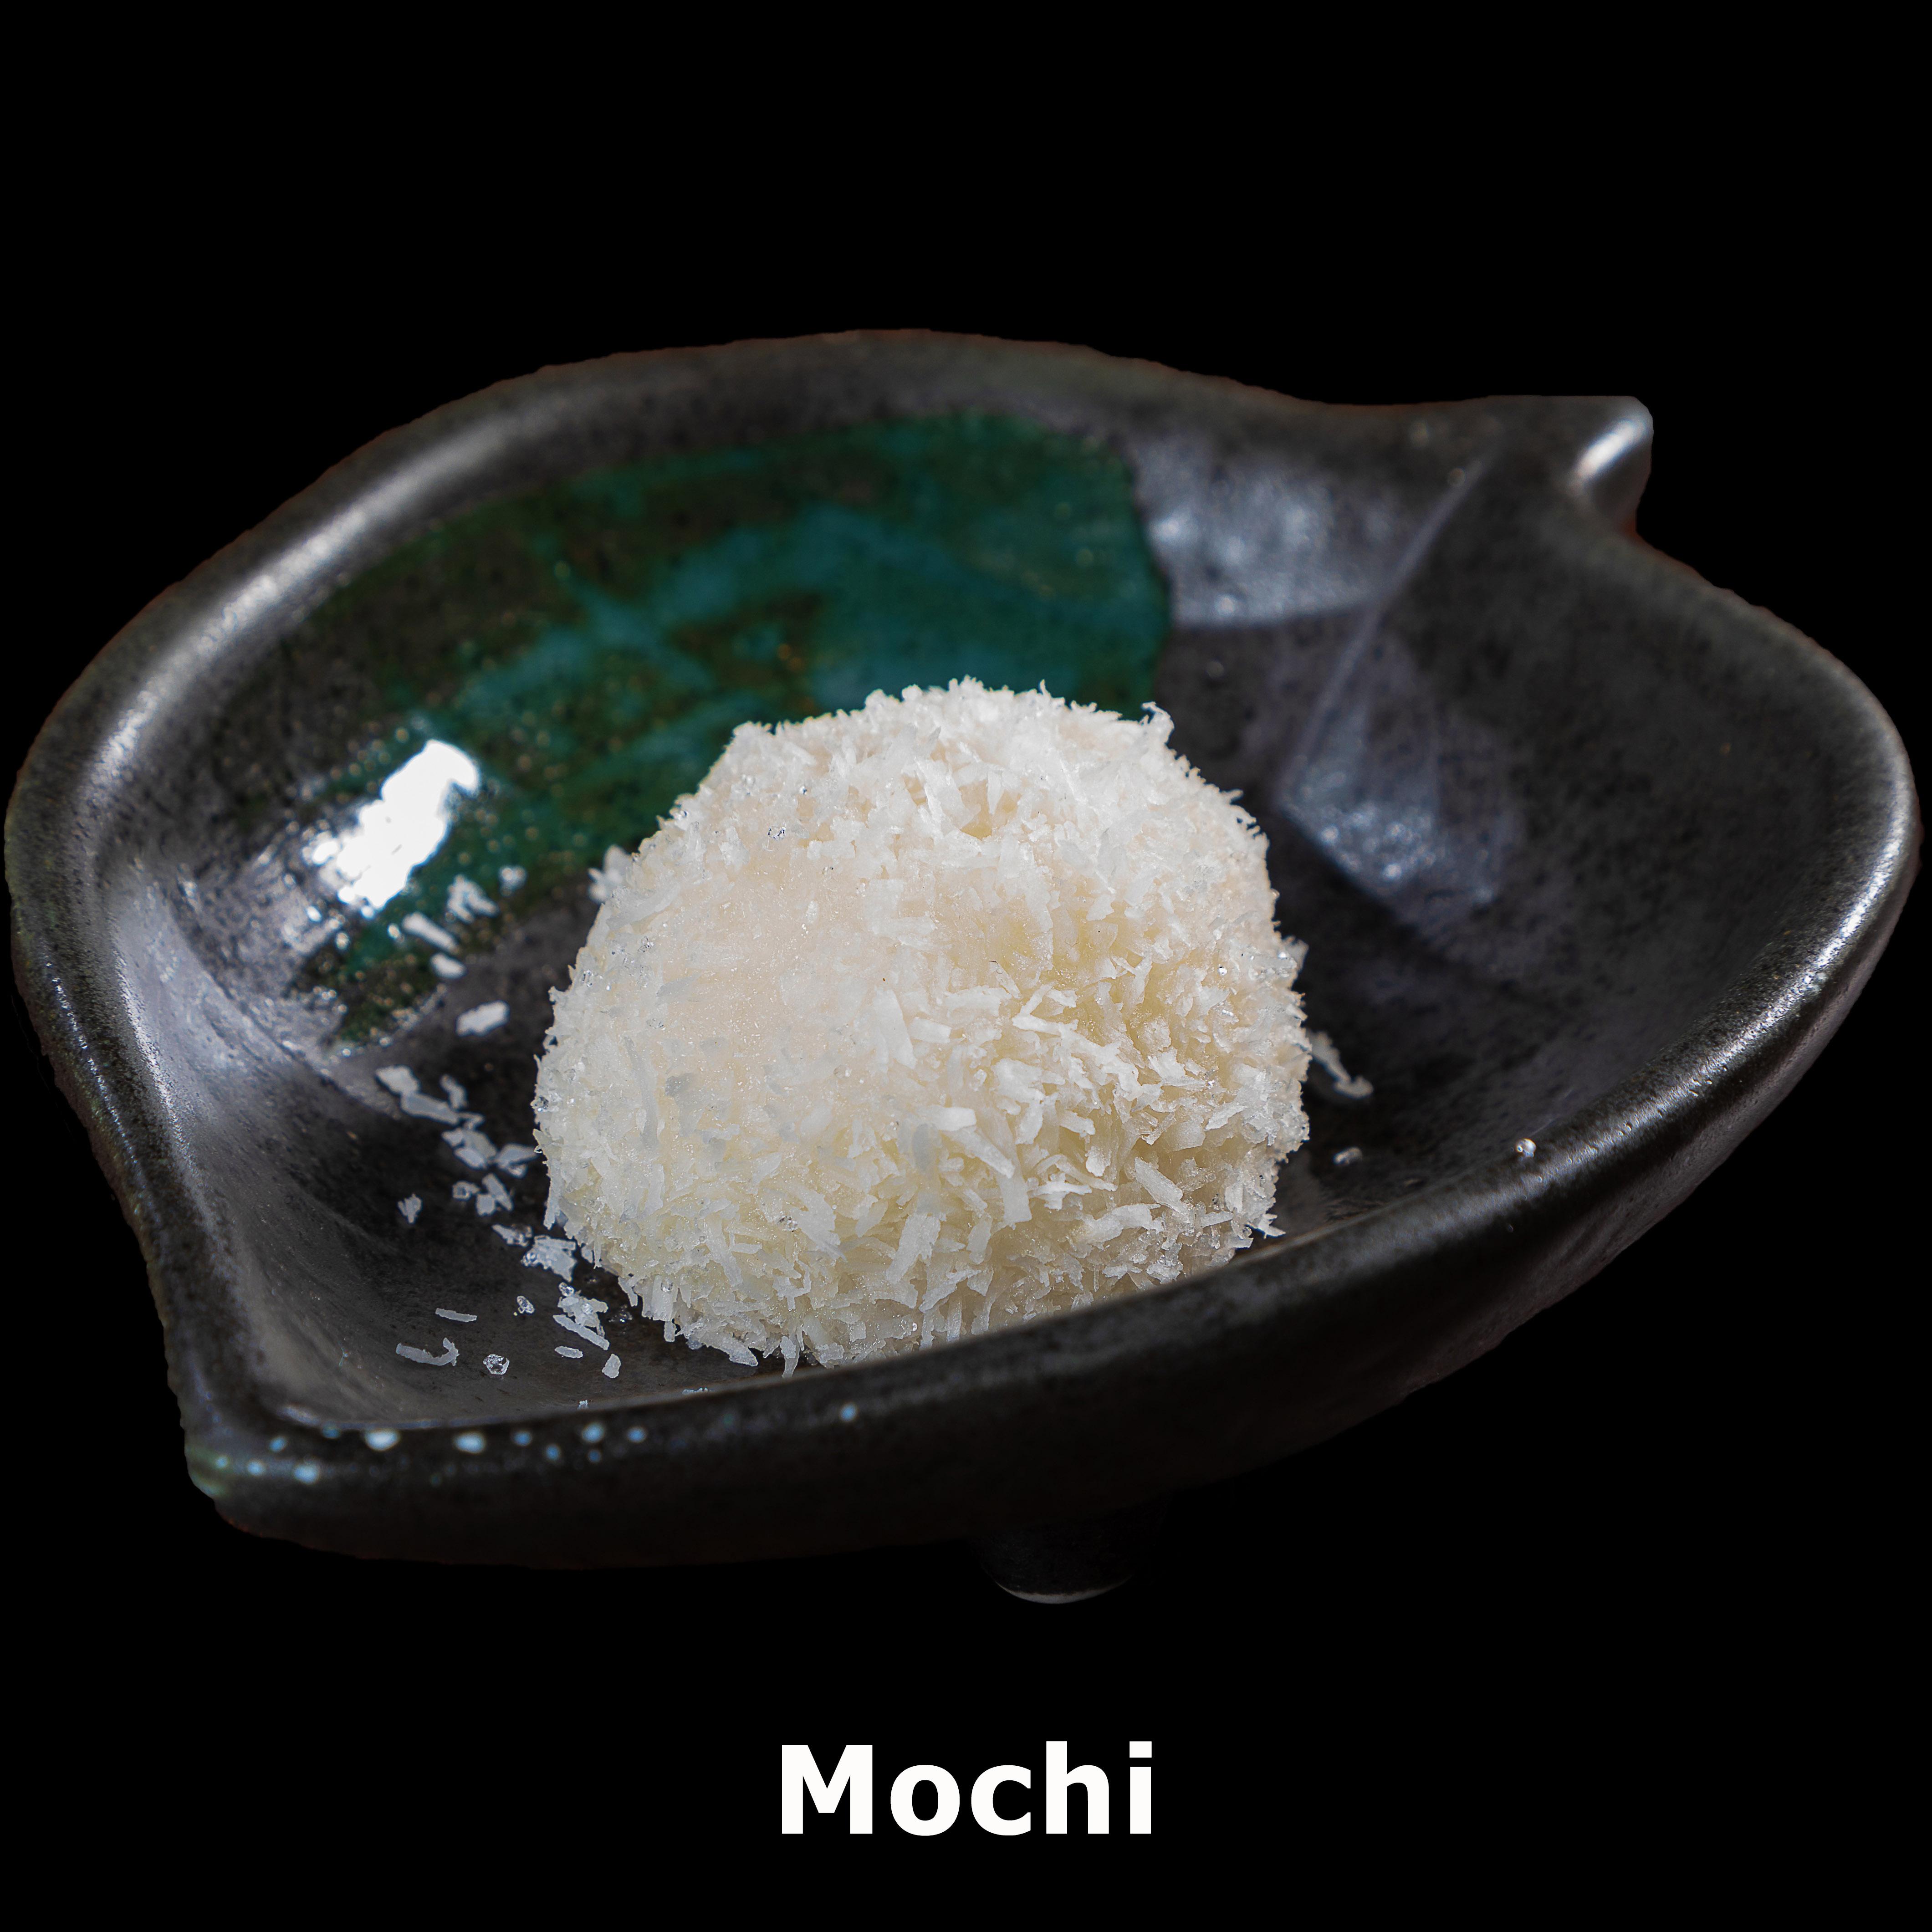 159. Mochi